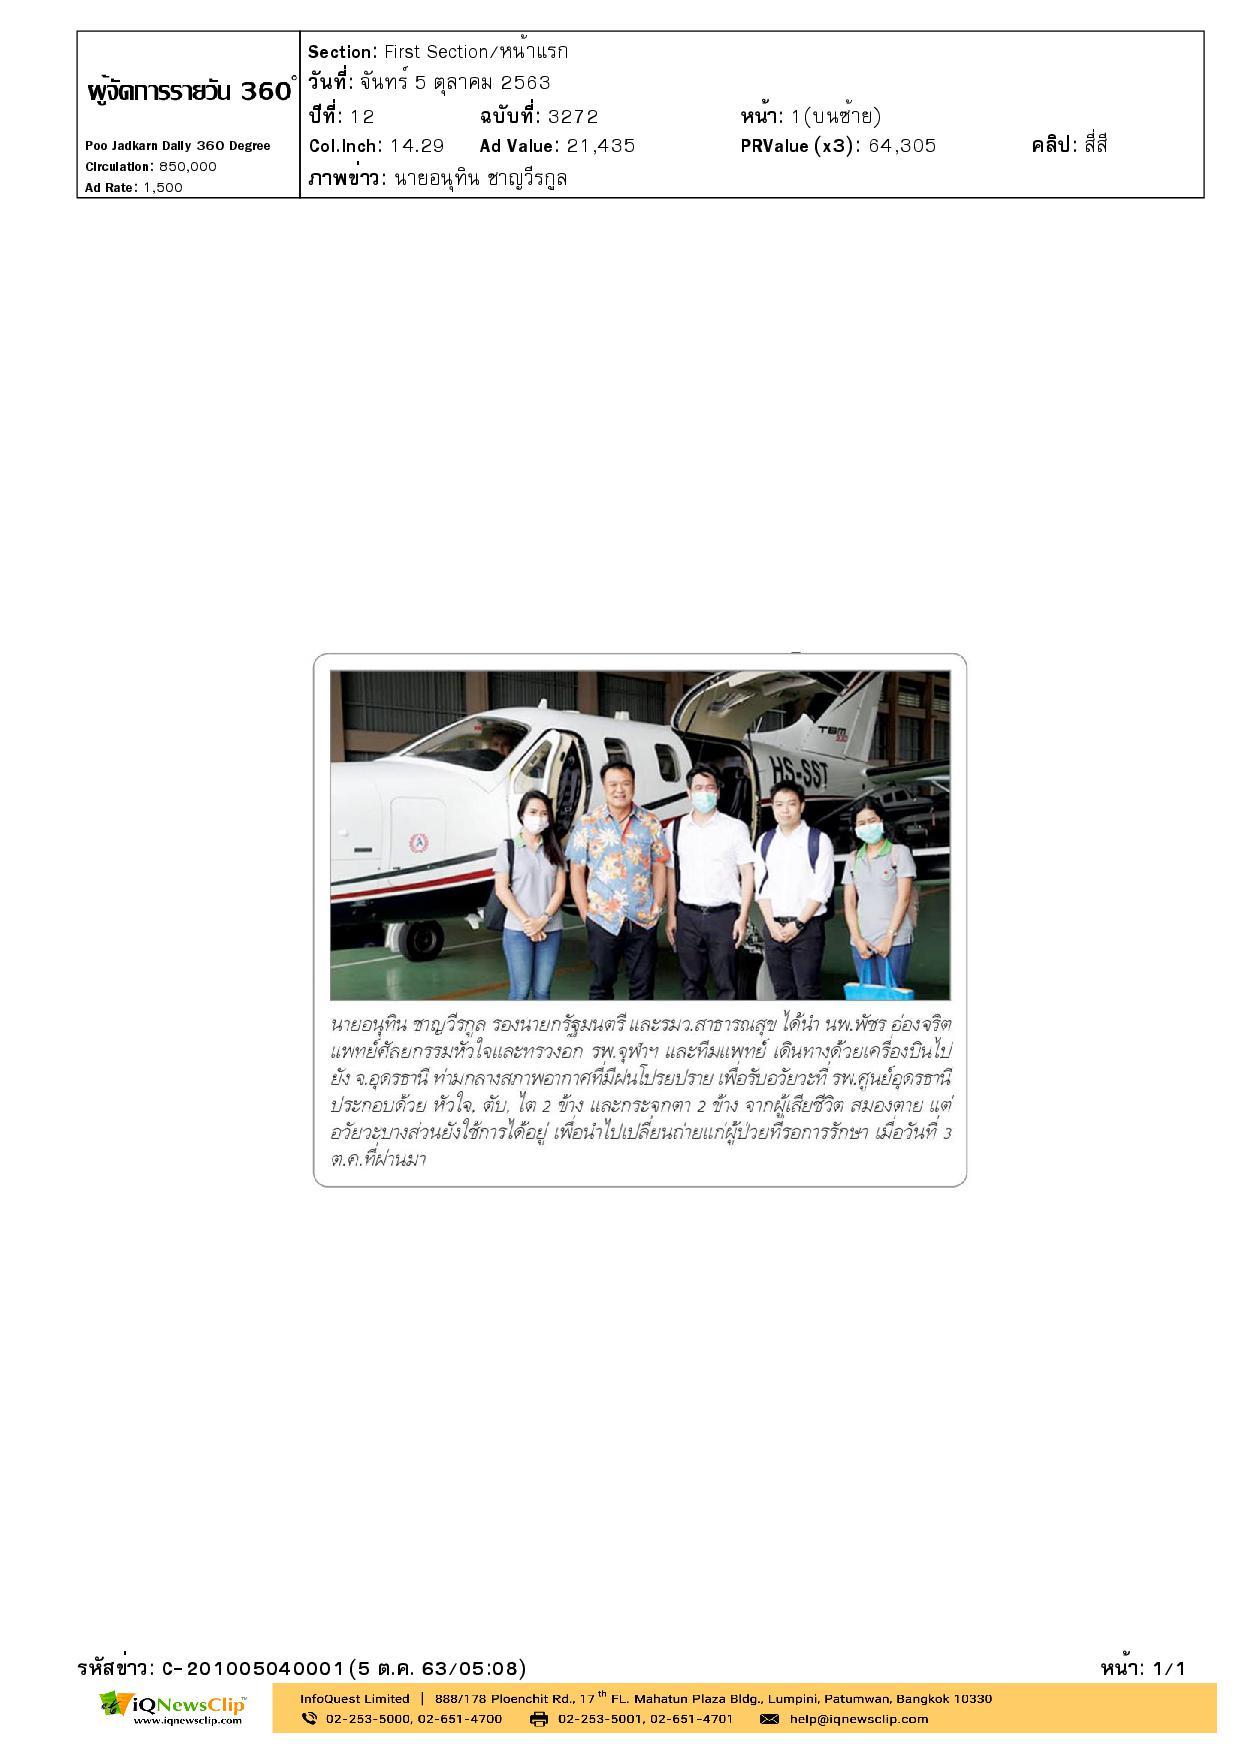 รพ.จุฬาฯ เดินทางด้วยเครื่องบินไปรับอวัยวะจากผู้เสียชีวิตสมองตาย